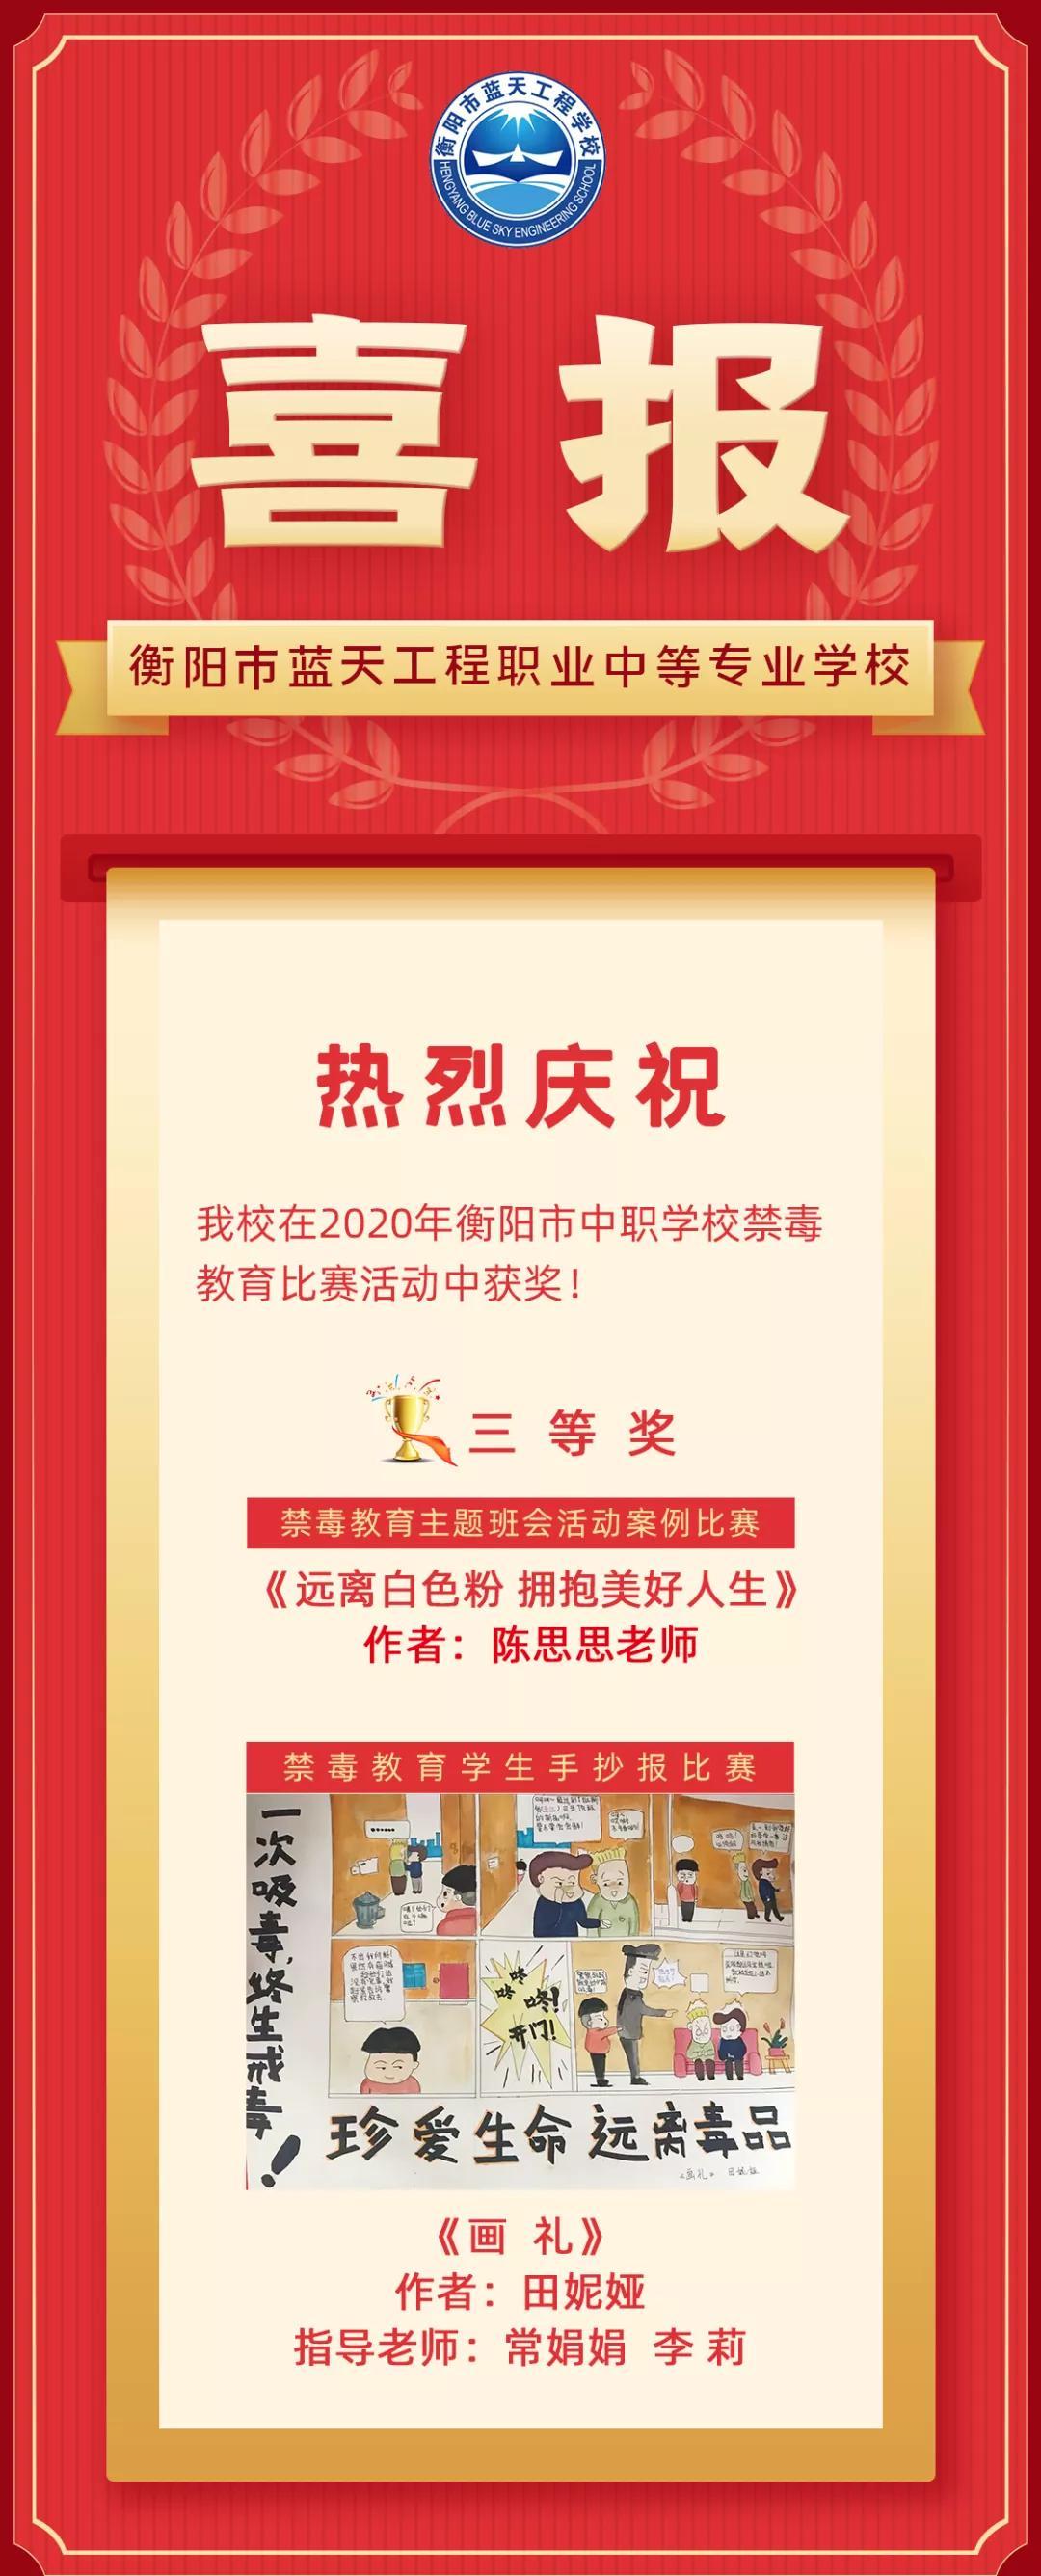 衡阳市亚洲十大信誉彩票平台在2020年市中职学校禁毒教育比赛中获奖